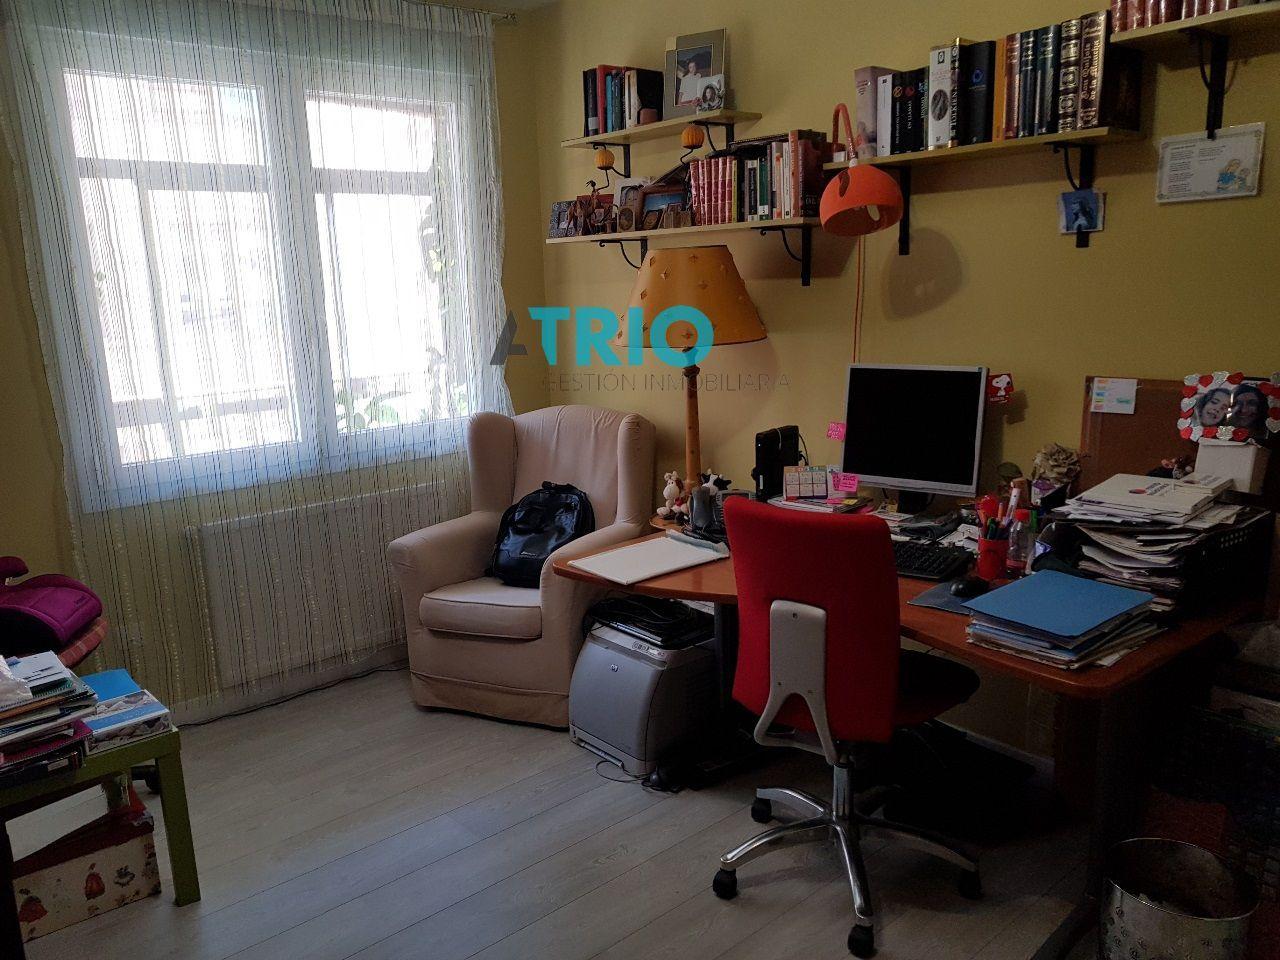 dia.mobiliagestion.es/Portals/inmoatrio/Images/5593/2613431